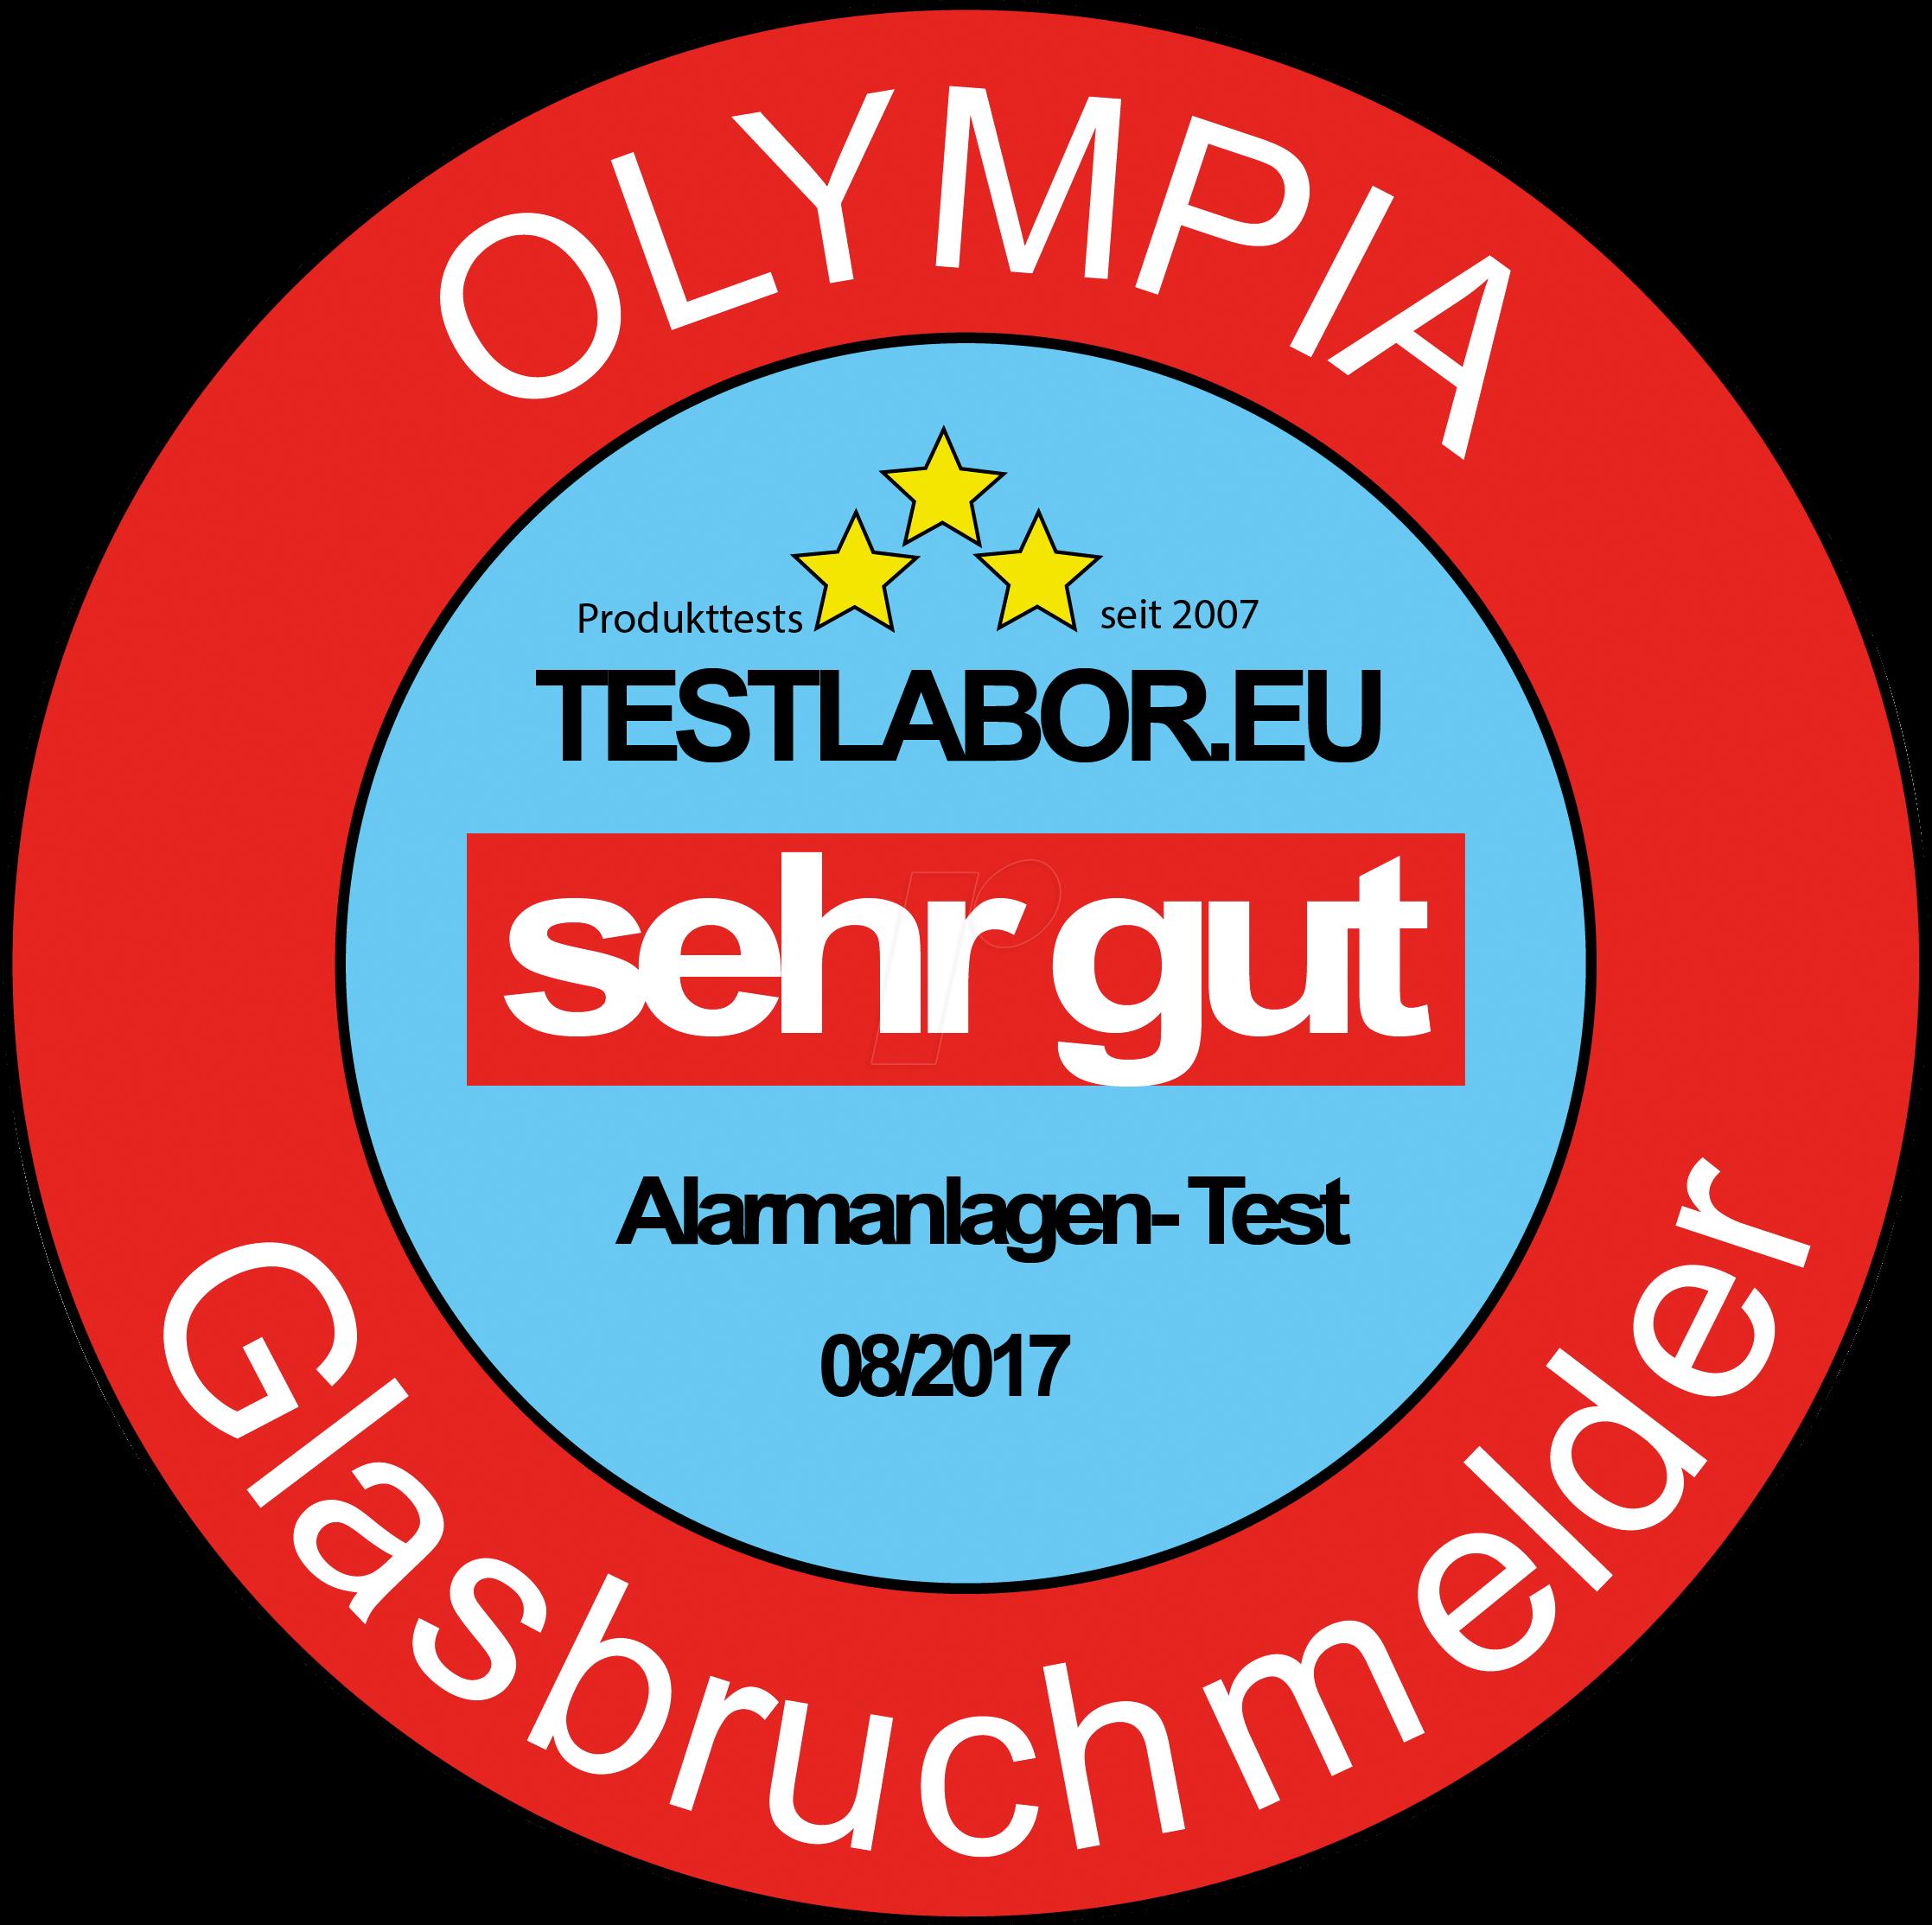 https://cdn-reichelt.de/bilder/web/xxl_ws/E910/OLYMPIA_6106_TEST_LABOR.png